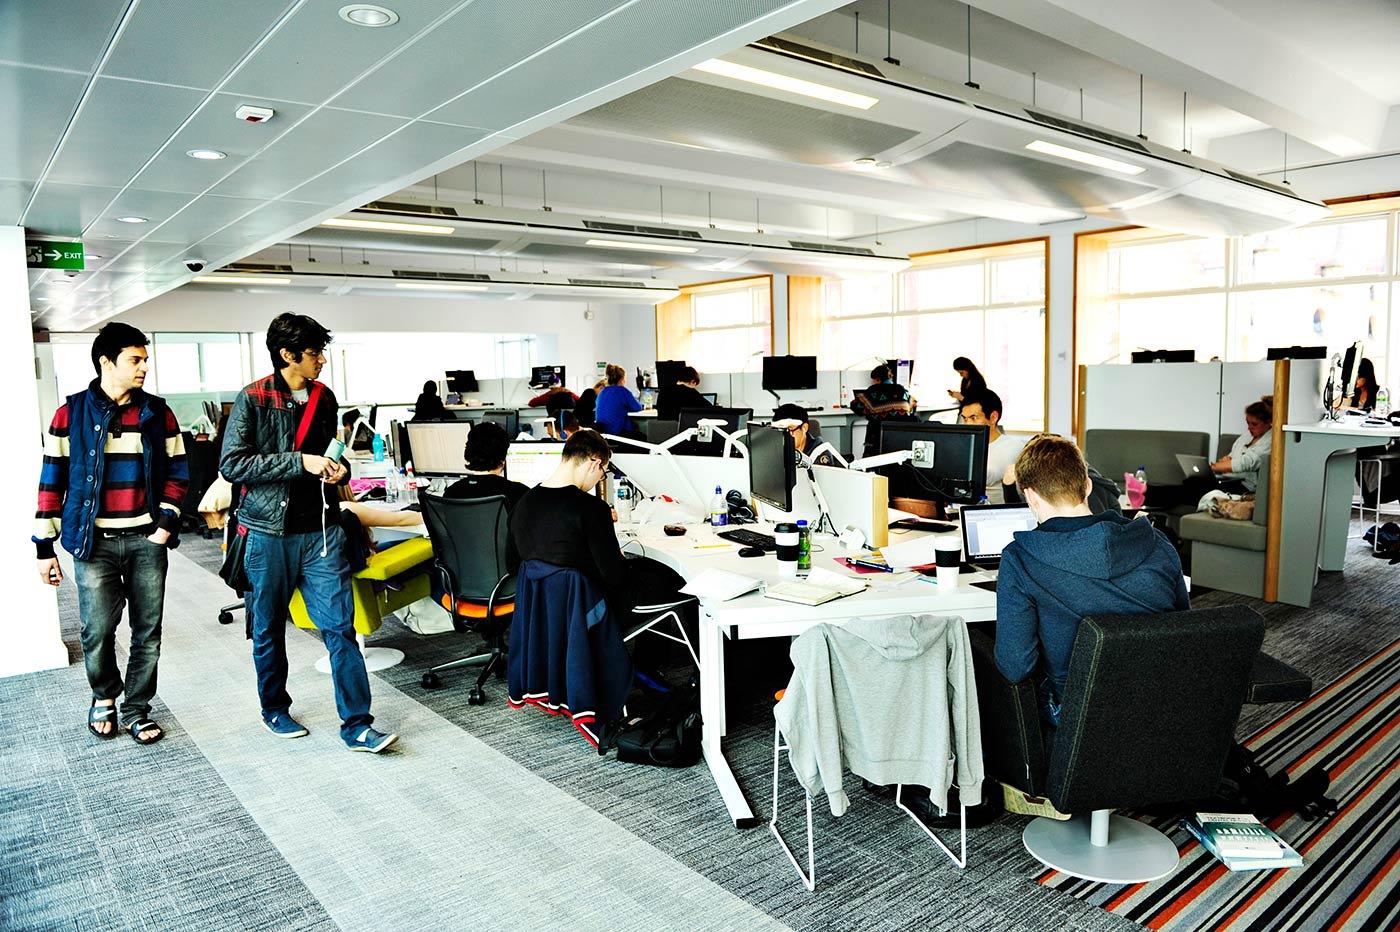 تعد جامعة مانشستر في المرتبة الخامسة من بين أفضل جامعات في المملكة المتحدة